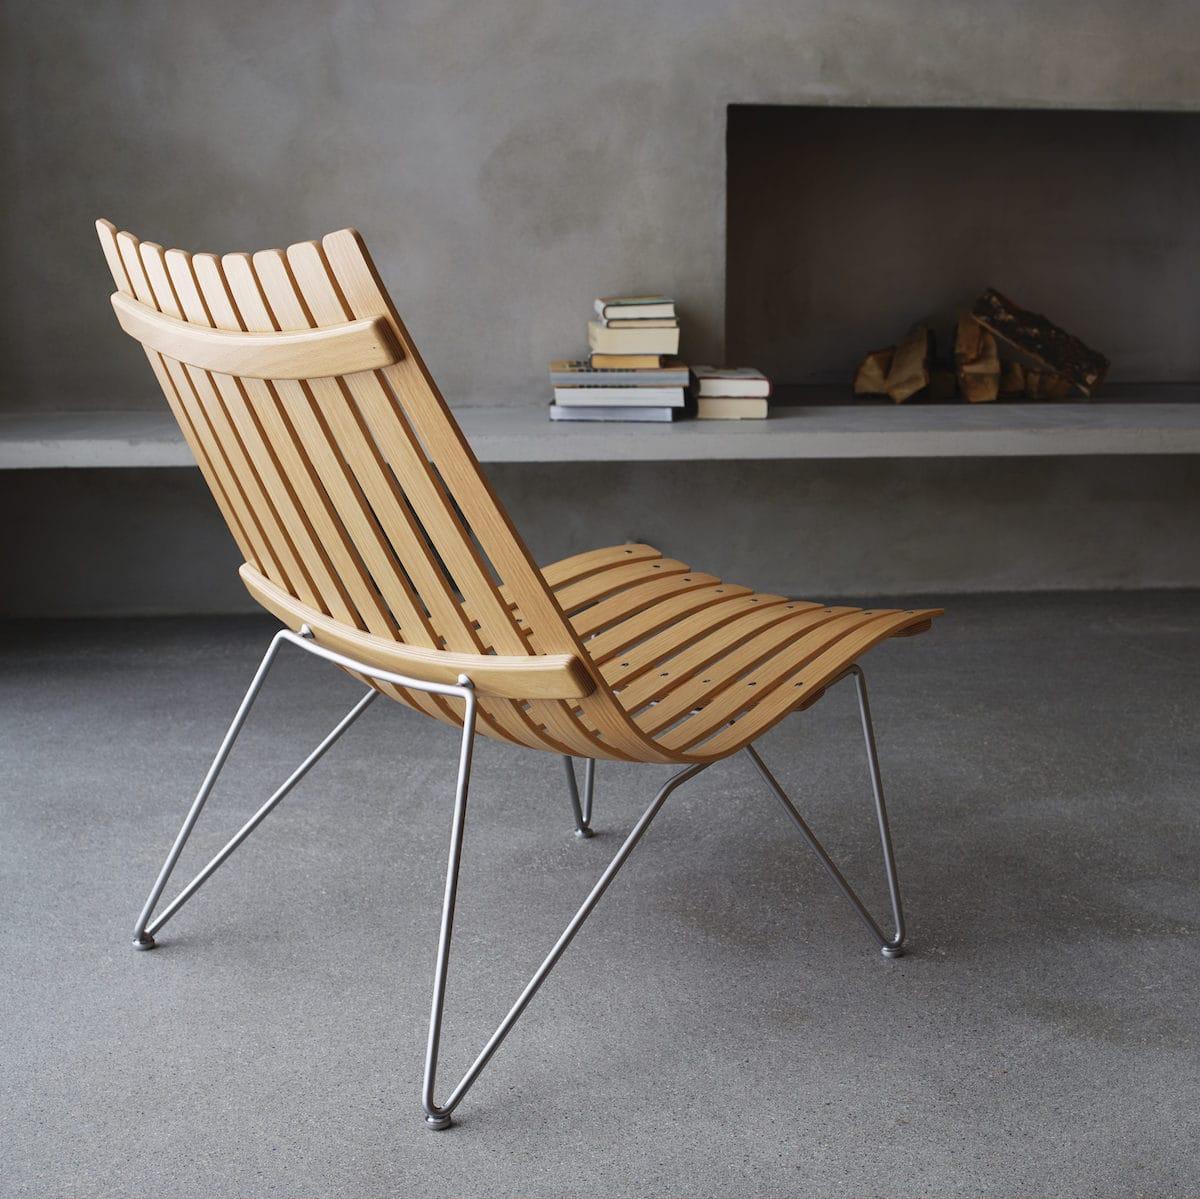 Fjordfiesta Scandia Nett Lounge chair, Eik hvitolja